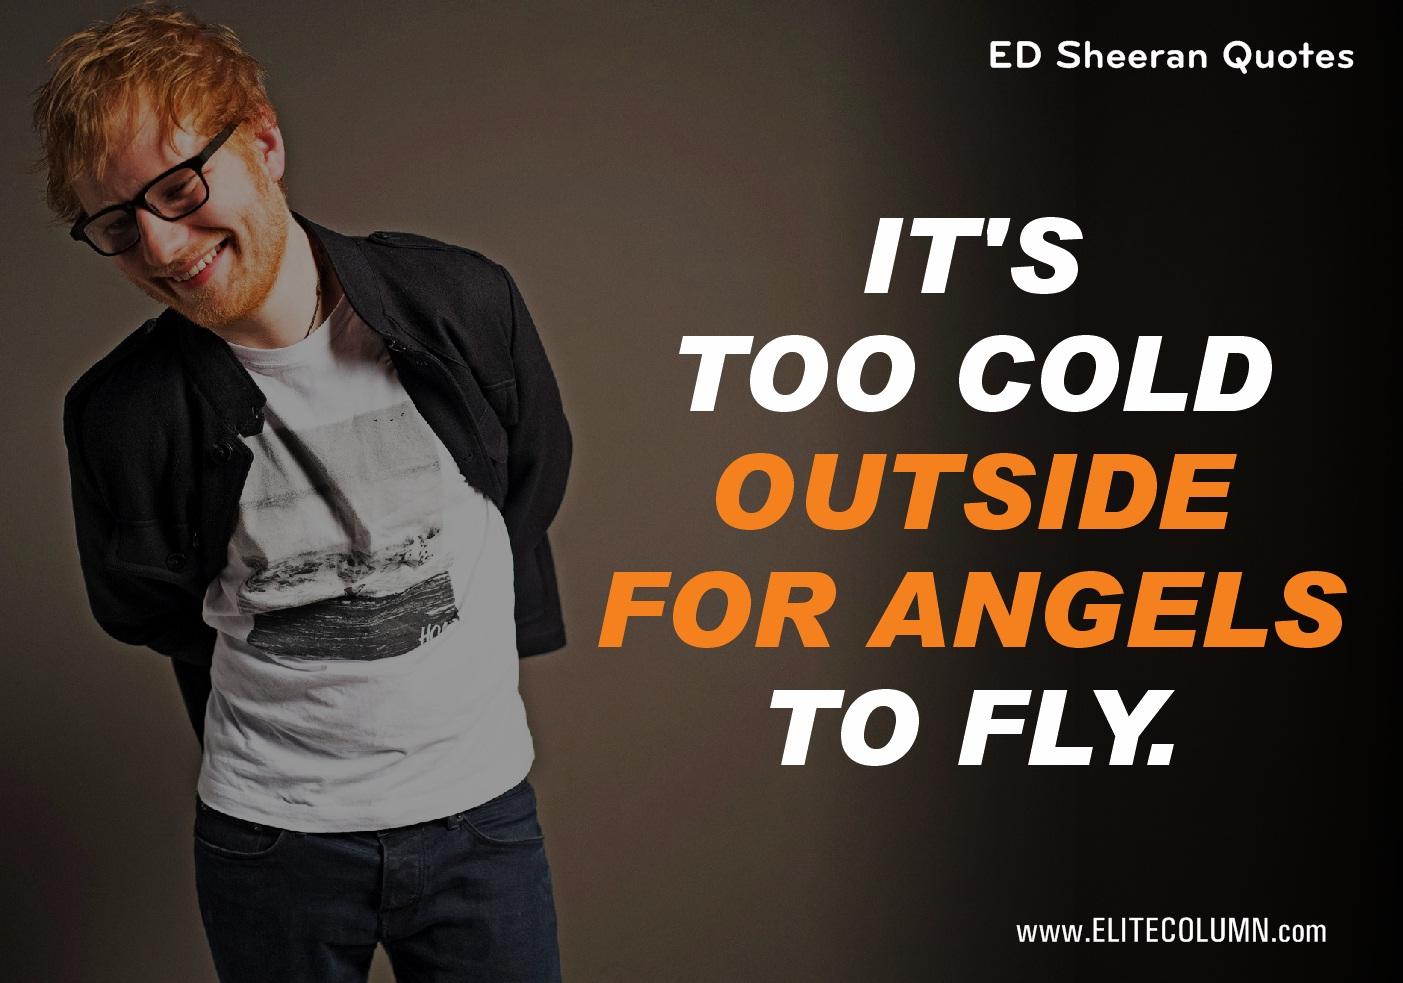 Ed Sheeran Quotes (4)